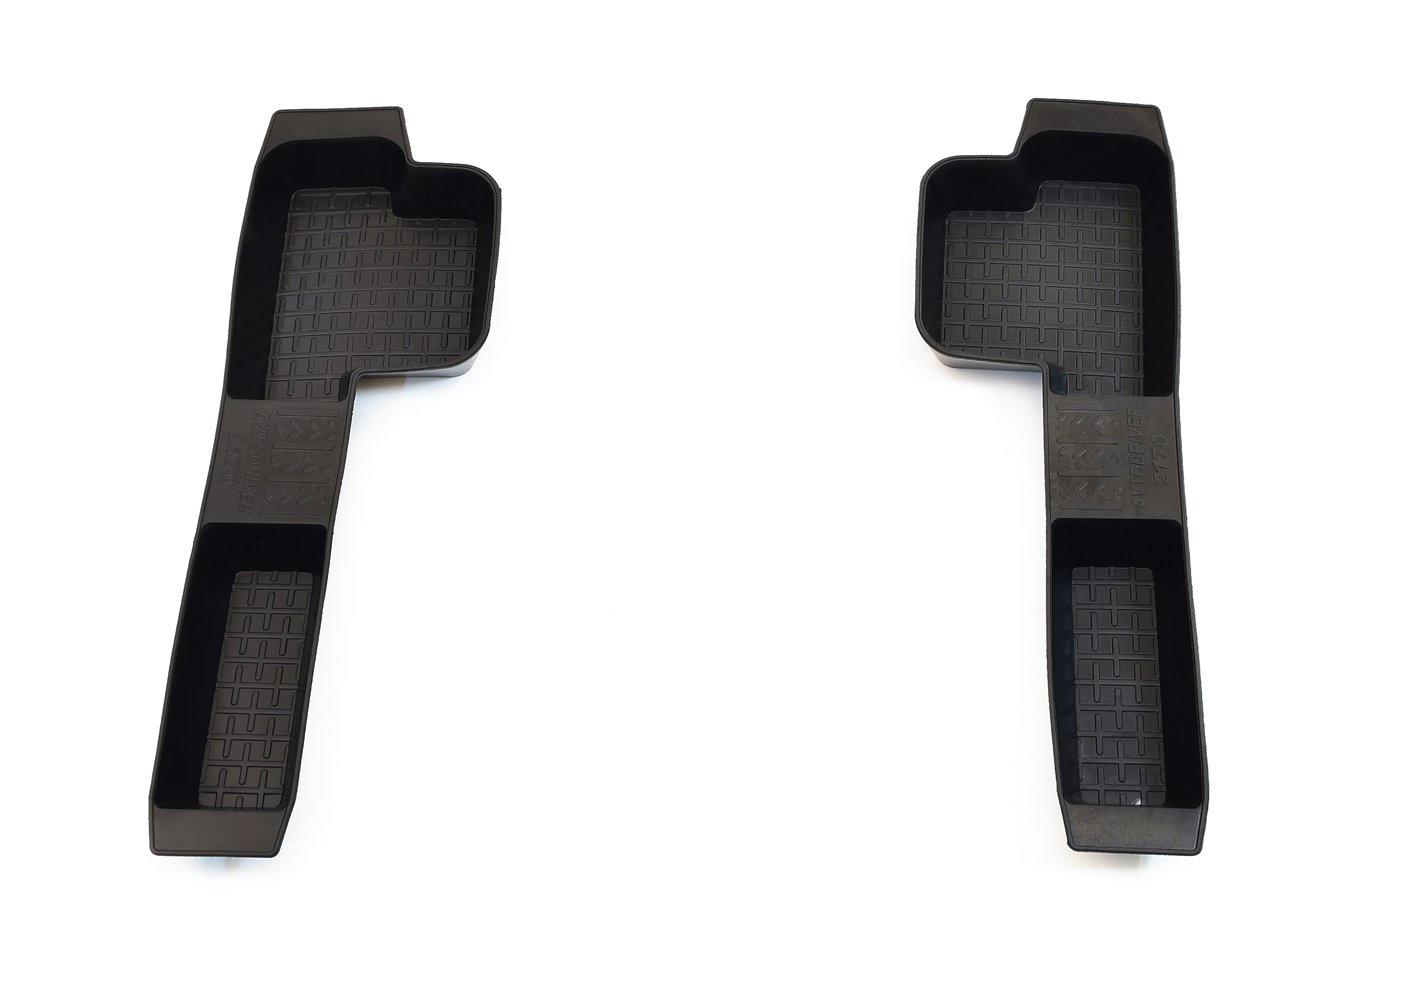 Коврики в салон автомобиля Avtodriver, для ВАЗ Приора 2170, 2007-, боковые передние Avtodriver, ADRJET020, резиновые, с бортиком, черный коврики салона avtodriver для mercedes benz e klasse w212 2007 adravg155 резиновые с бортиком черный